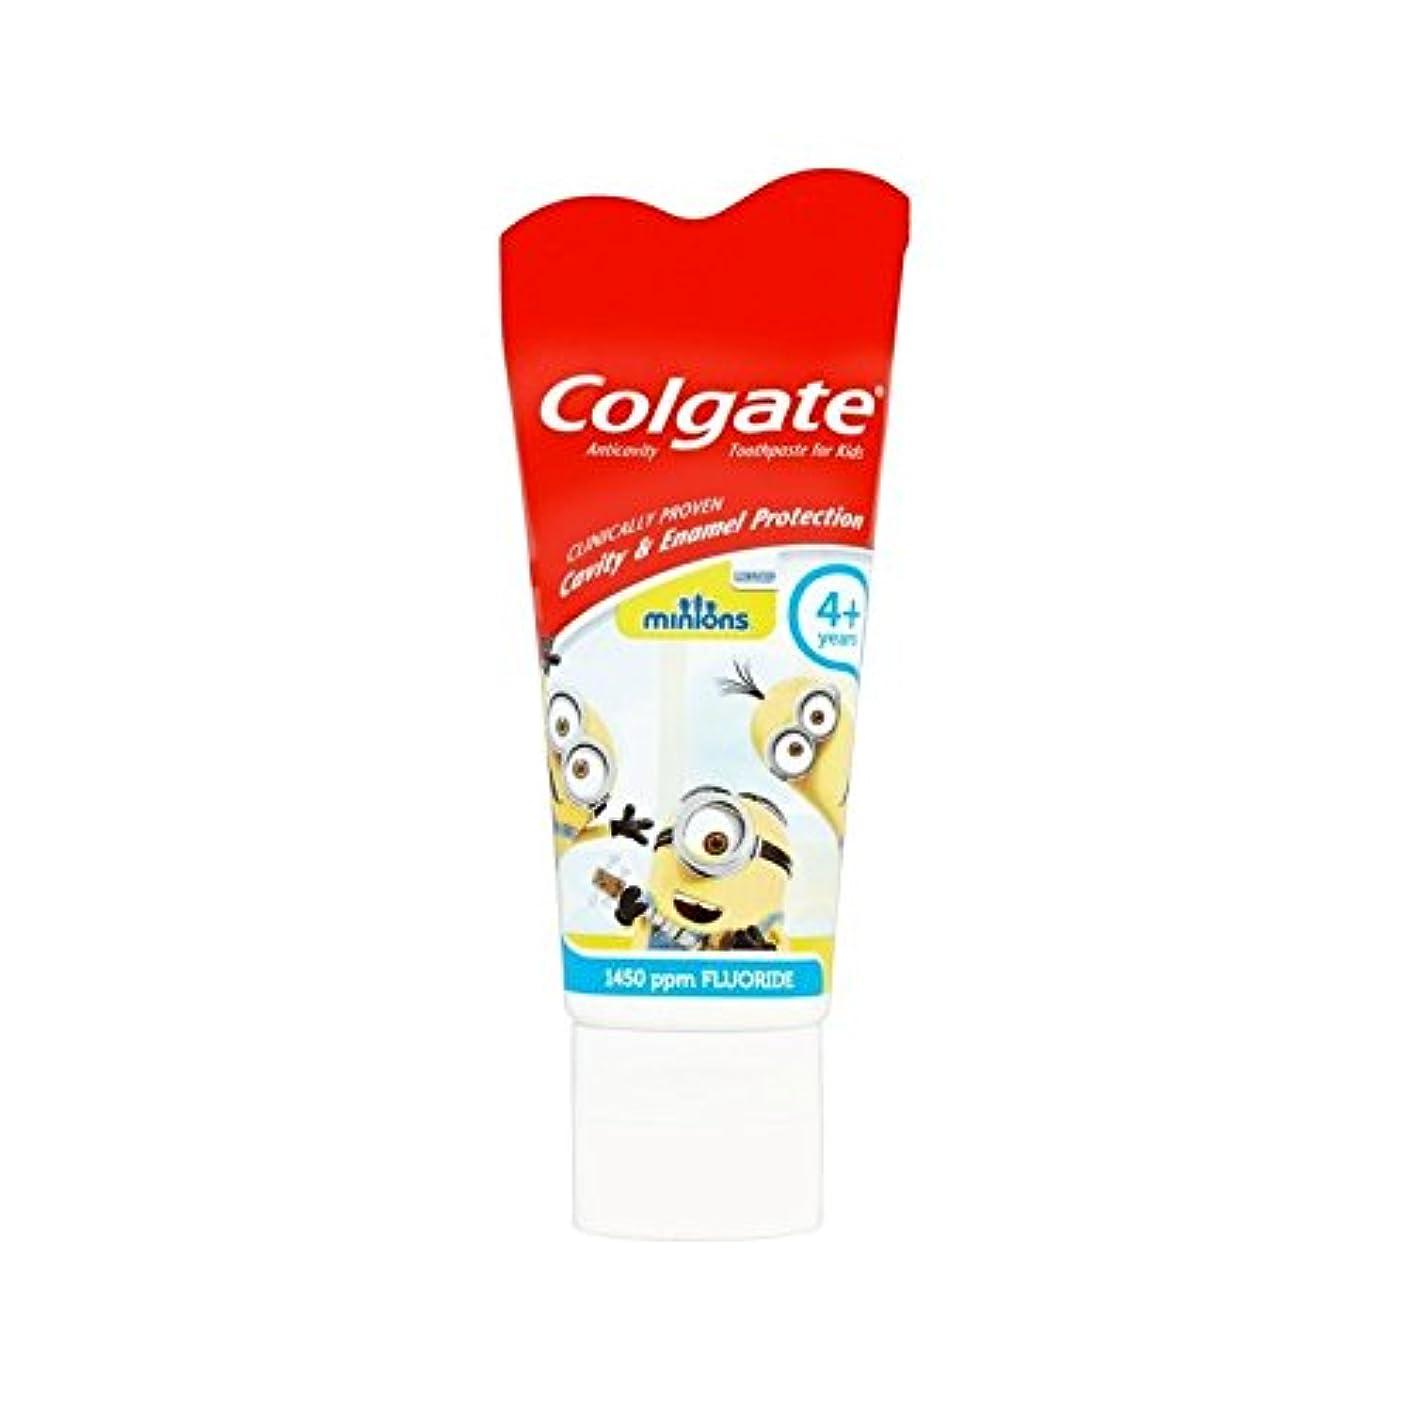 からグレー主導権手下の子供4+歯磨き粉50ミリリットル (Colgate) (x 2) - Colgate Minions Kids 4+ Toothpaste 50ml (Pack of 2) [並行輸入品]